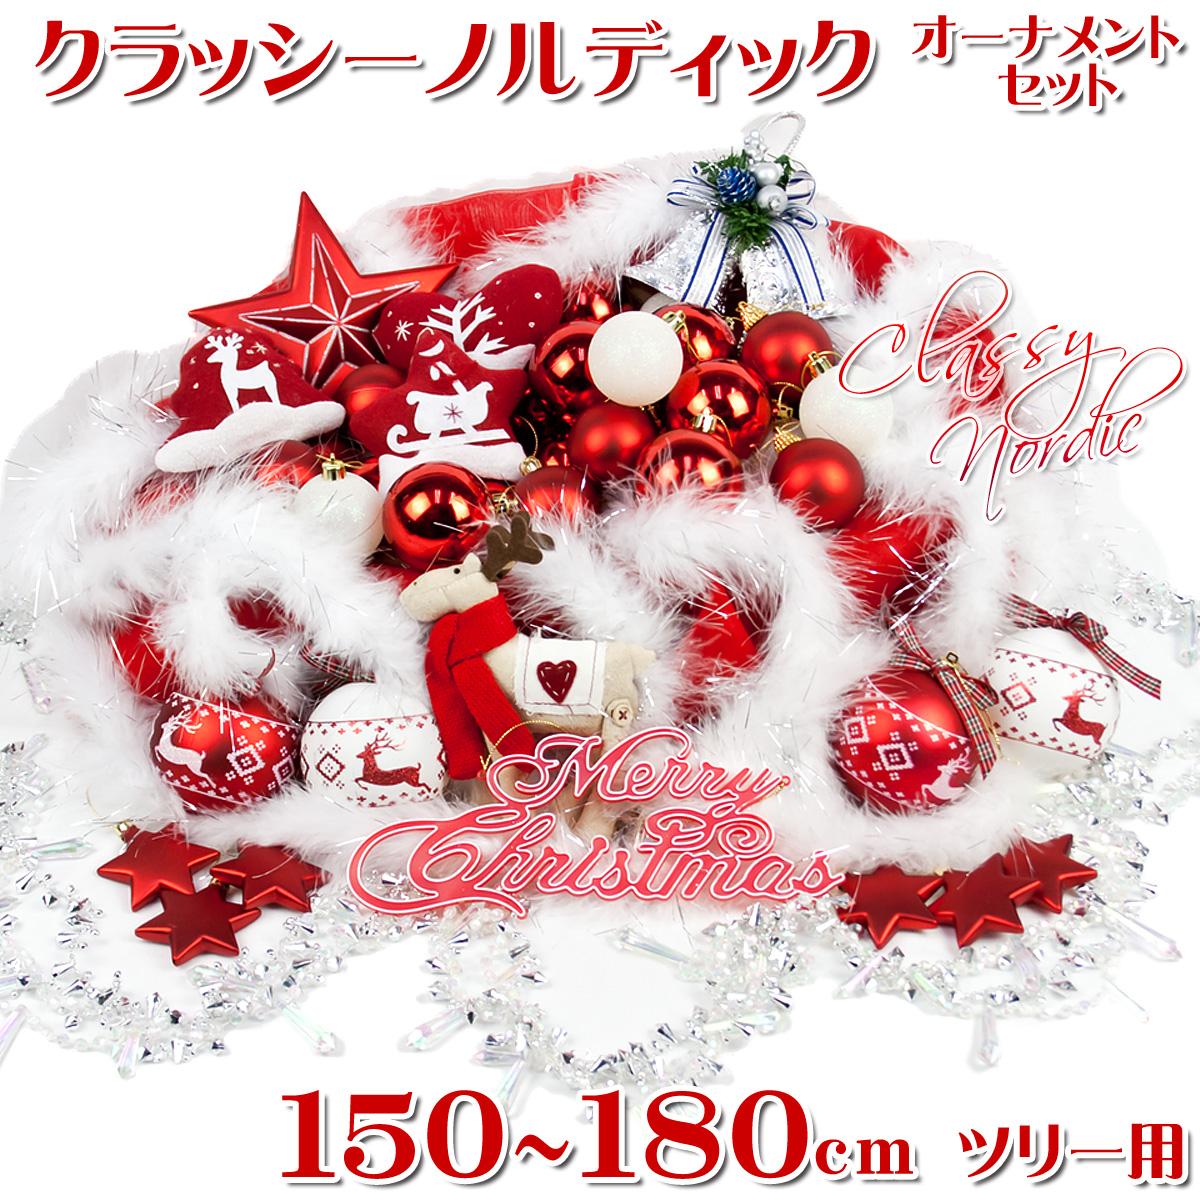 クリスマスツリー オーナメントセット 150~180cm ノルディック 北欧 飾り セット クラッシー 【レビュー】 【J】